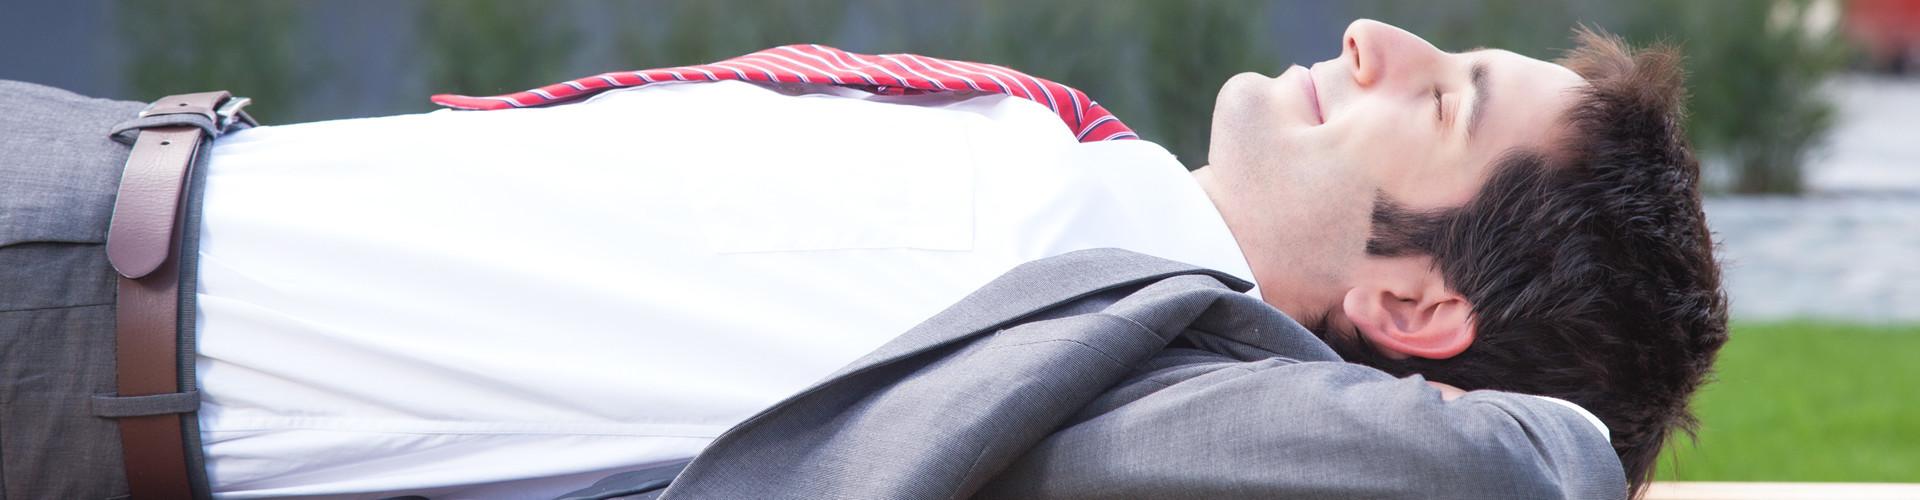 Ein Angestellter liegt auf dem Rücken in der Sonne und hat die Arme hinter dem Kopf verschränkt © Daniel Ernst, stock.adobe.com